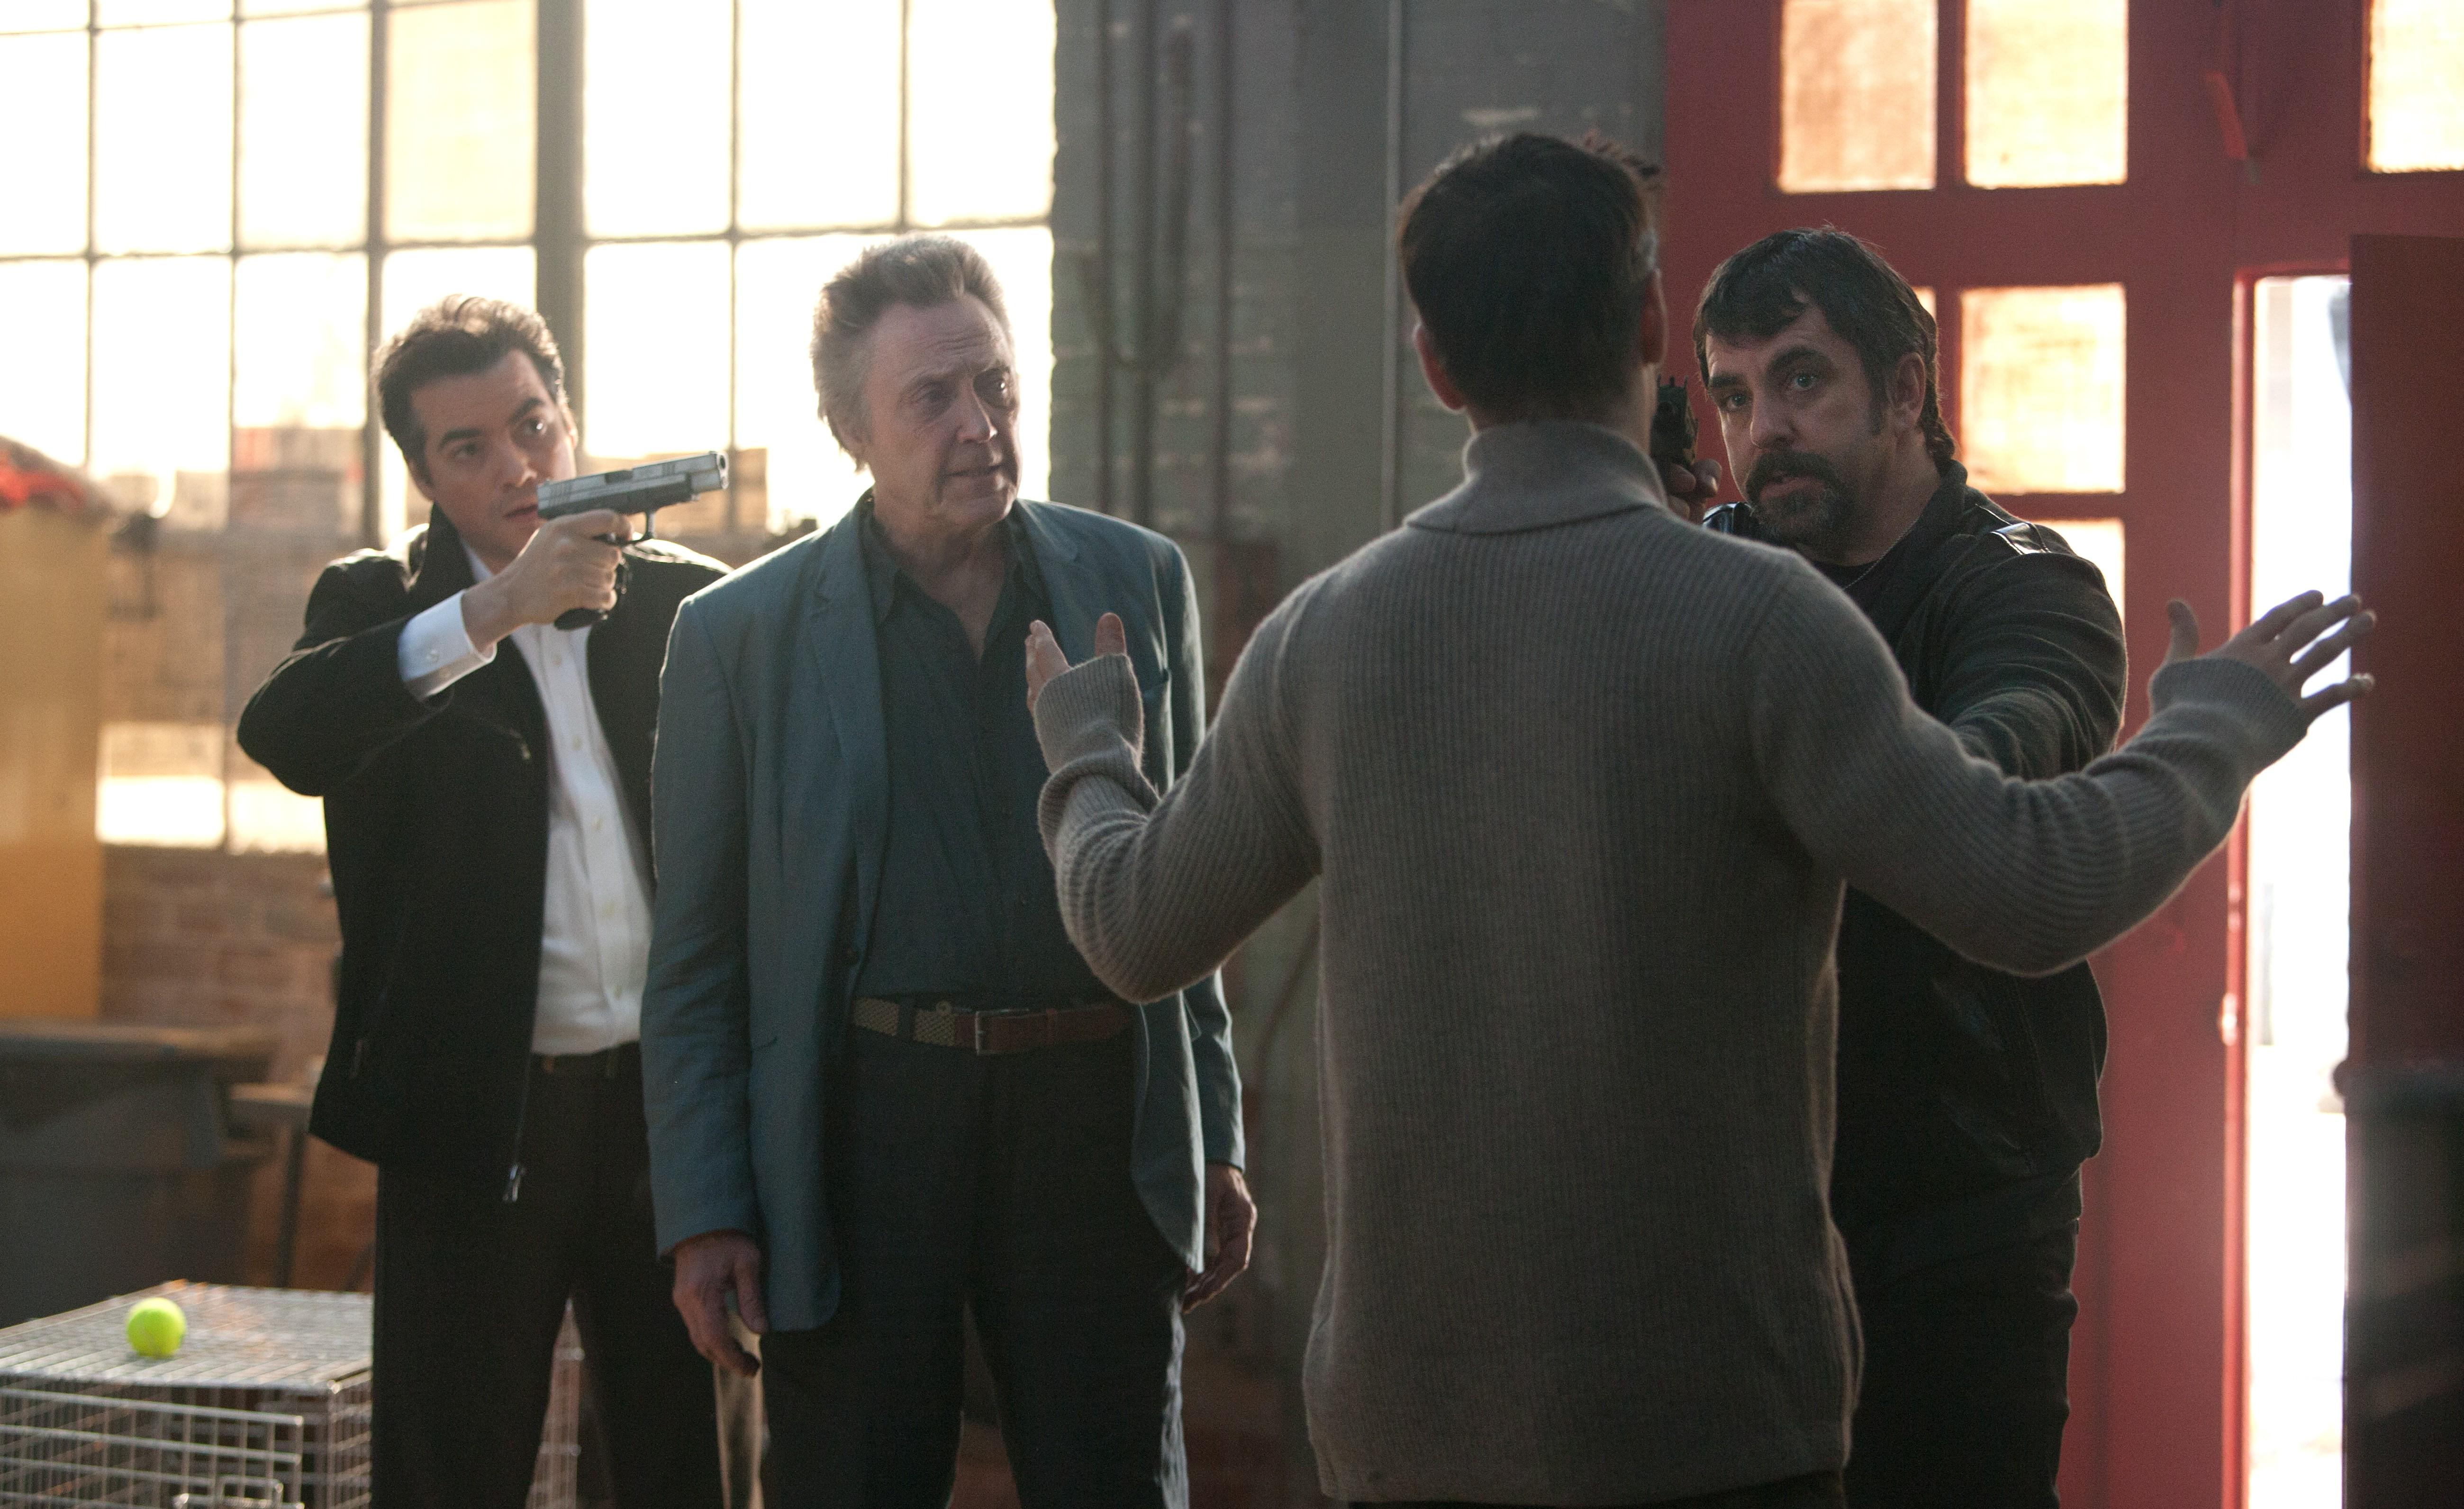 кадры из фильма Семь психопатов Кристофер Уокен, Колин Фаррелл,